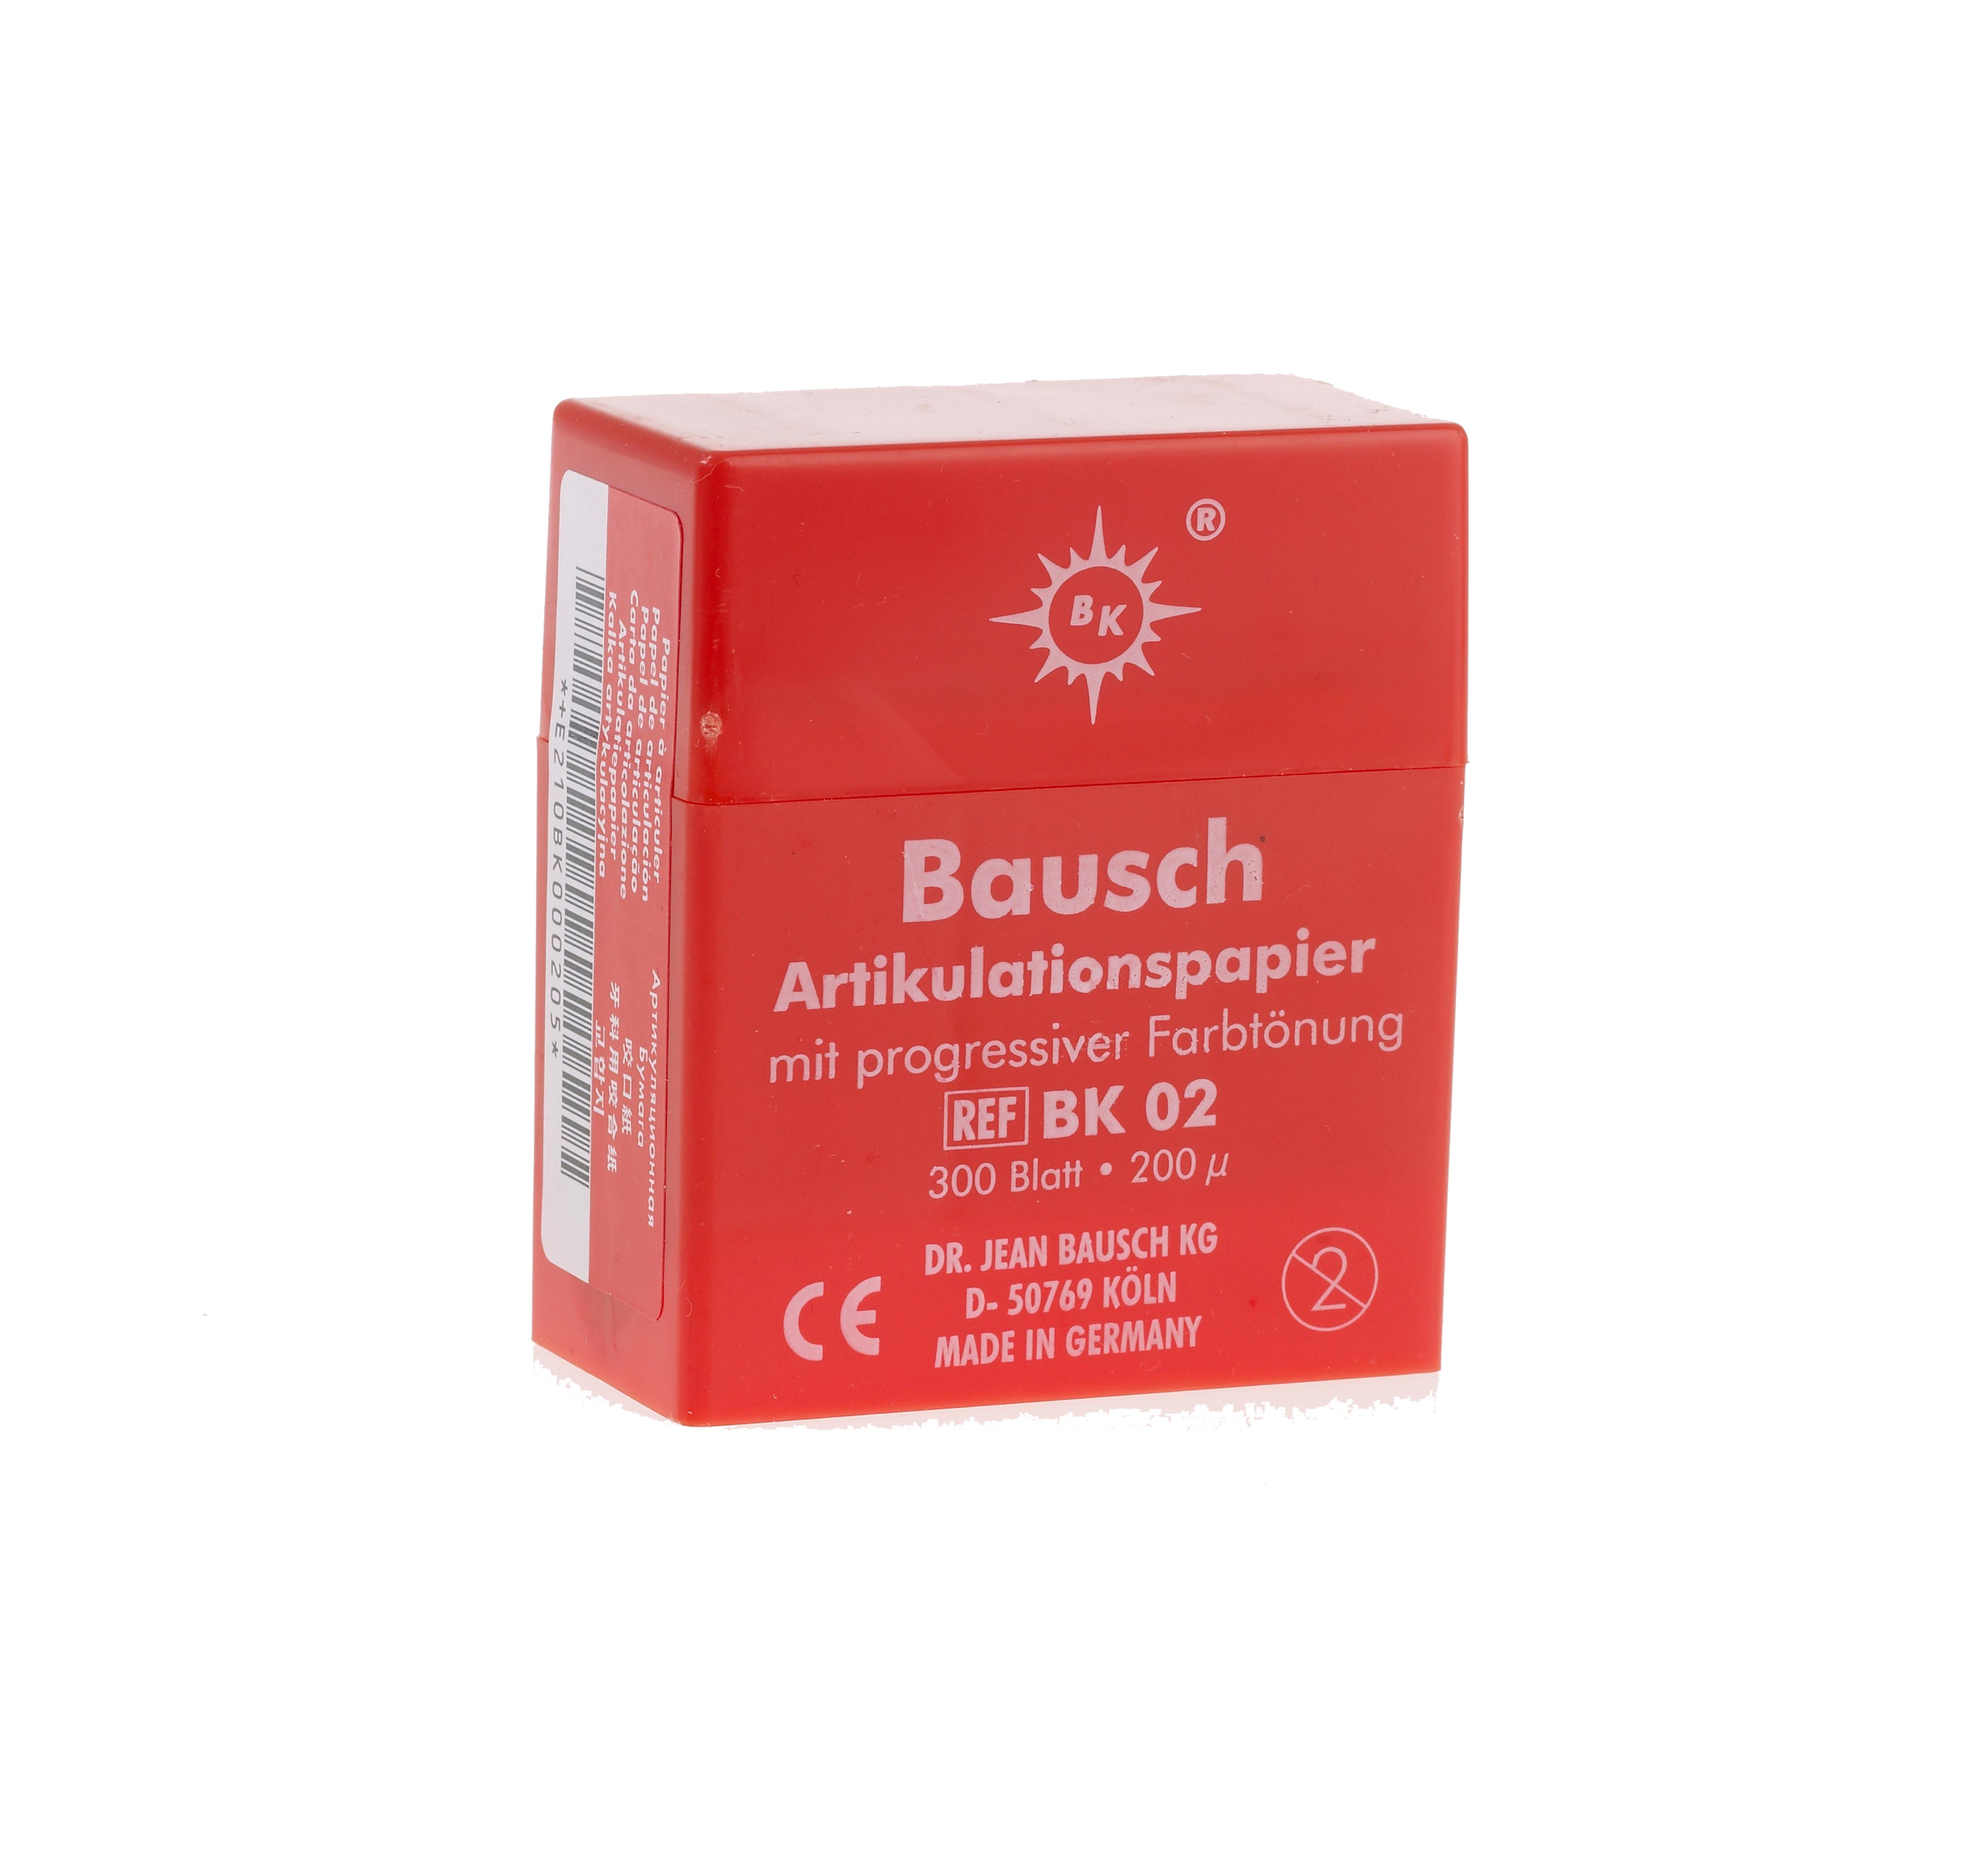 Bausch 200u Articulating Paper -0